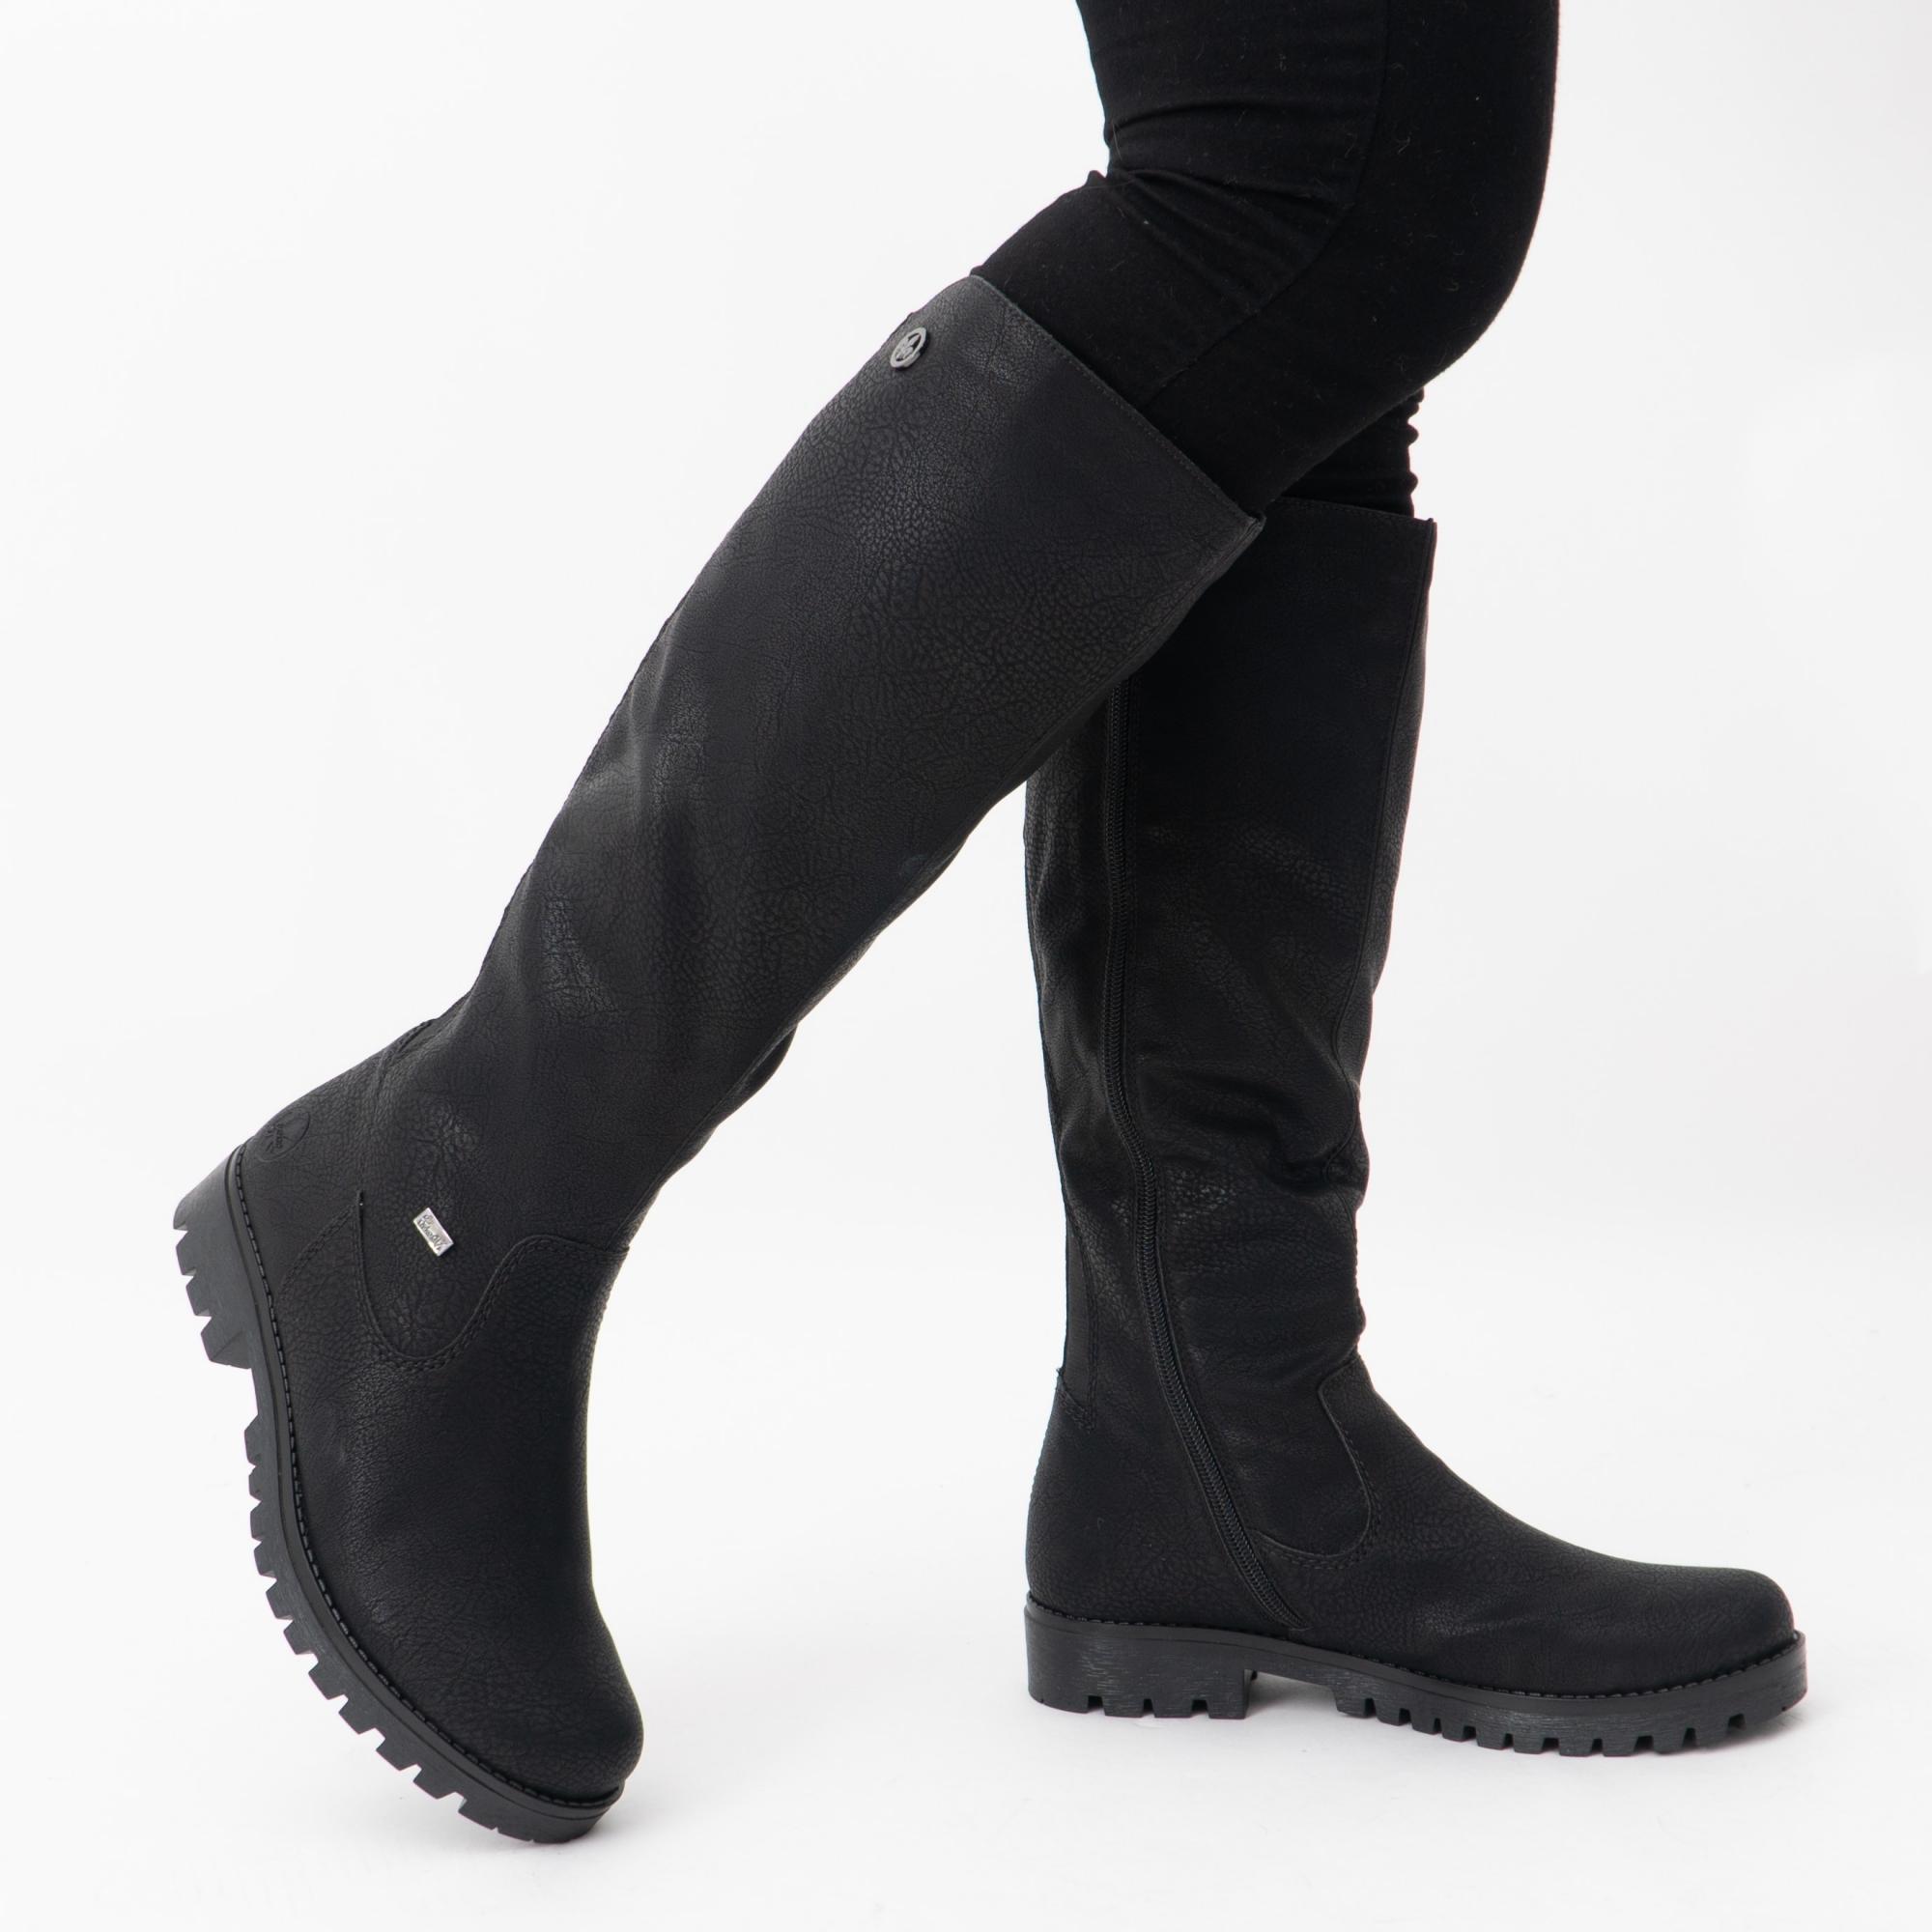 noir Rieker Chaussures Bottes 78554-00 noir NEUF